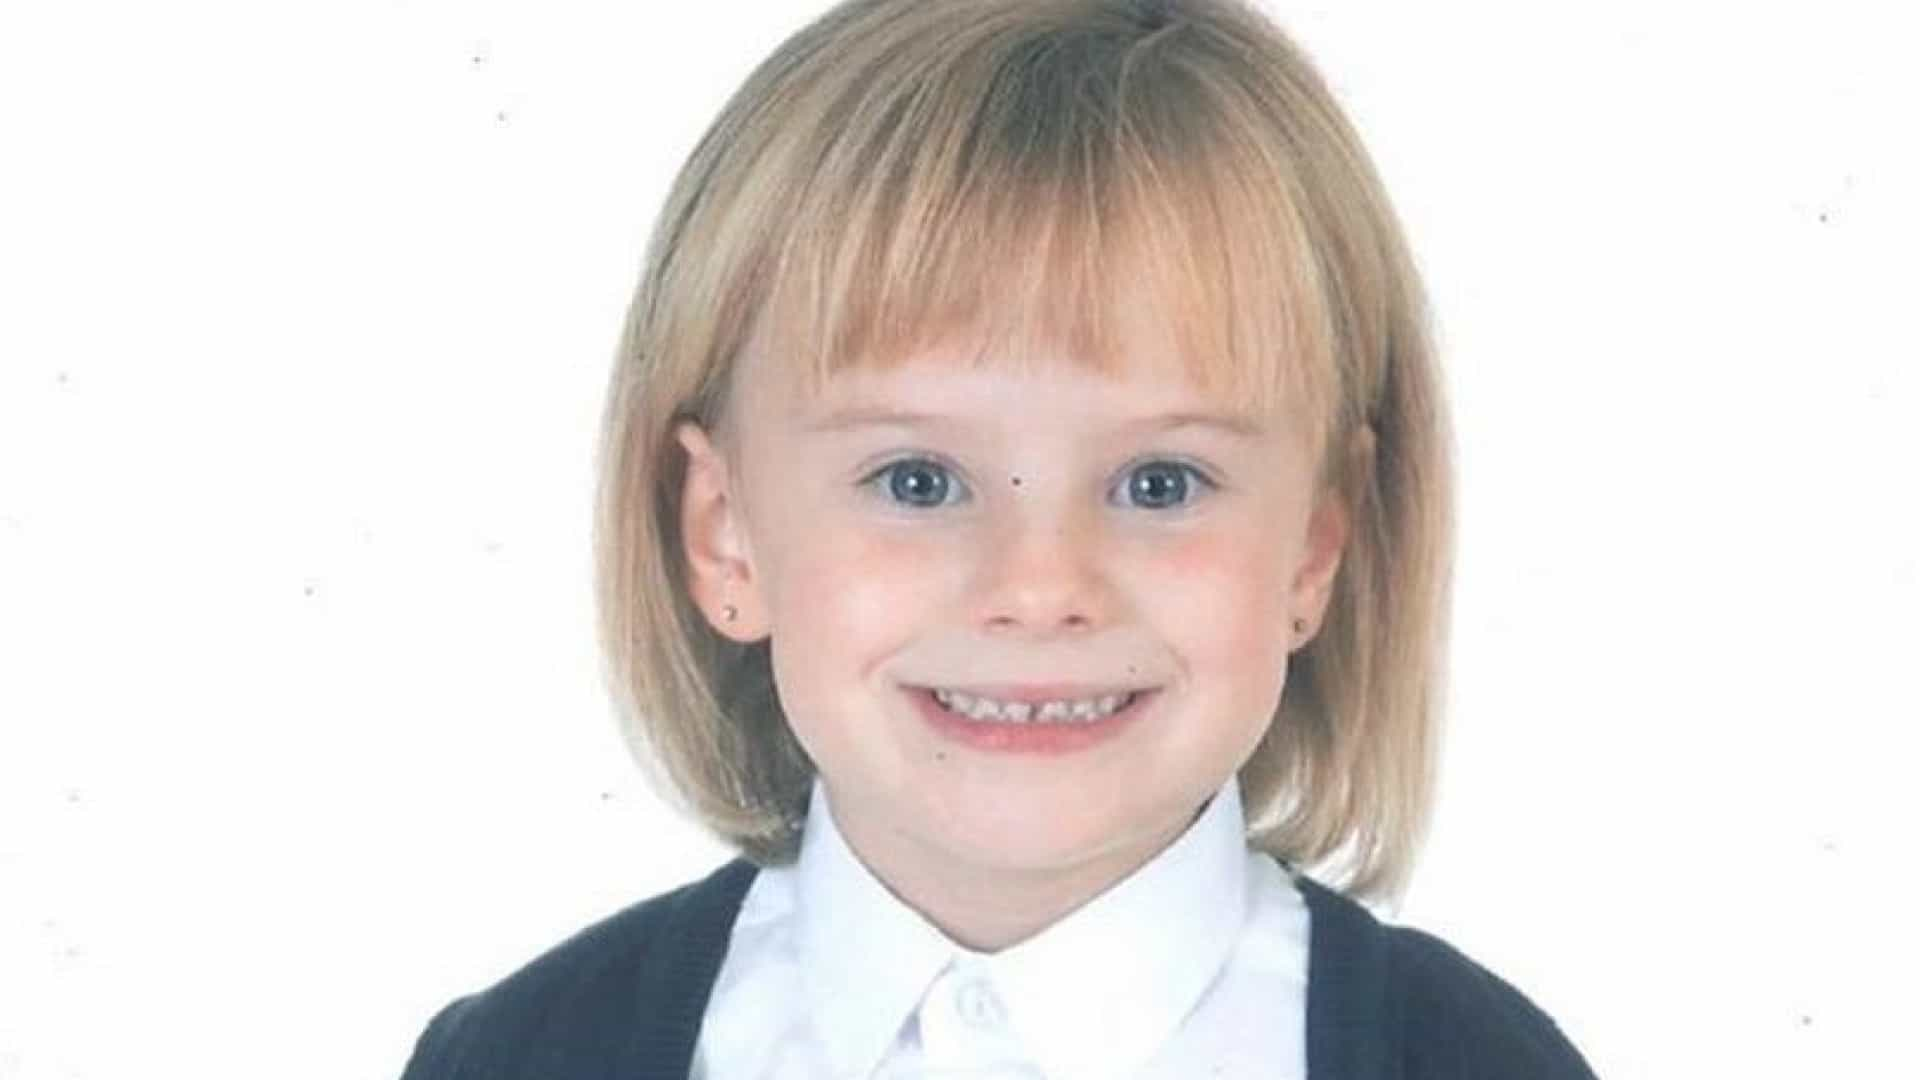 Criança de 6 anos morre enforcada após brincadeira com cordas